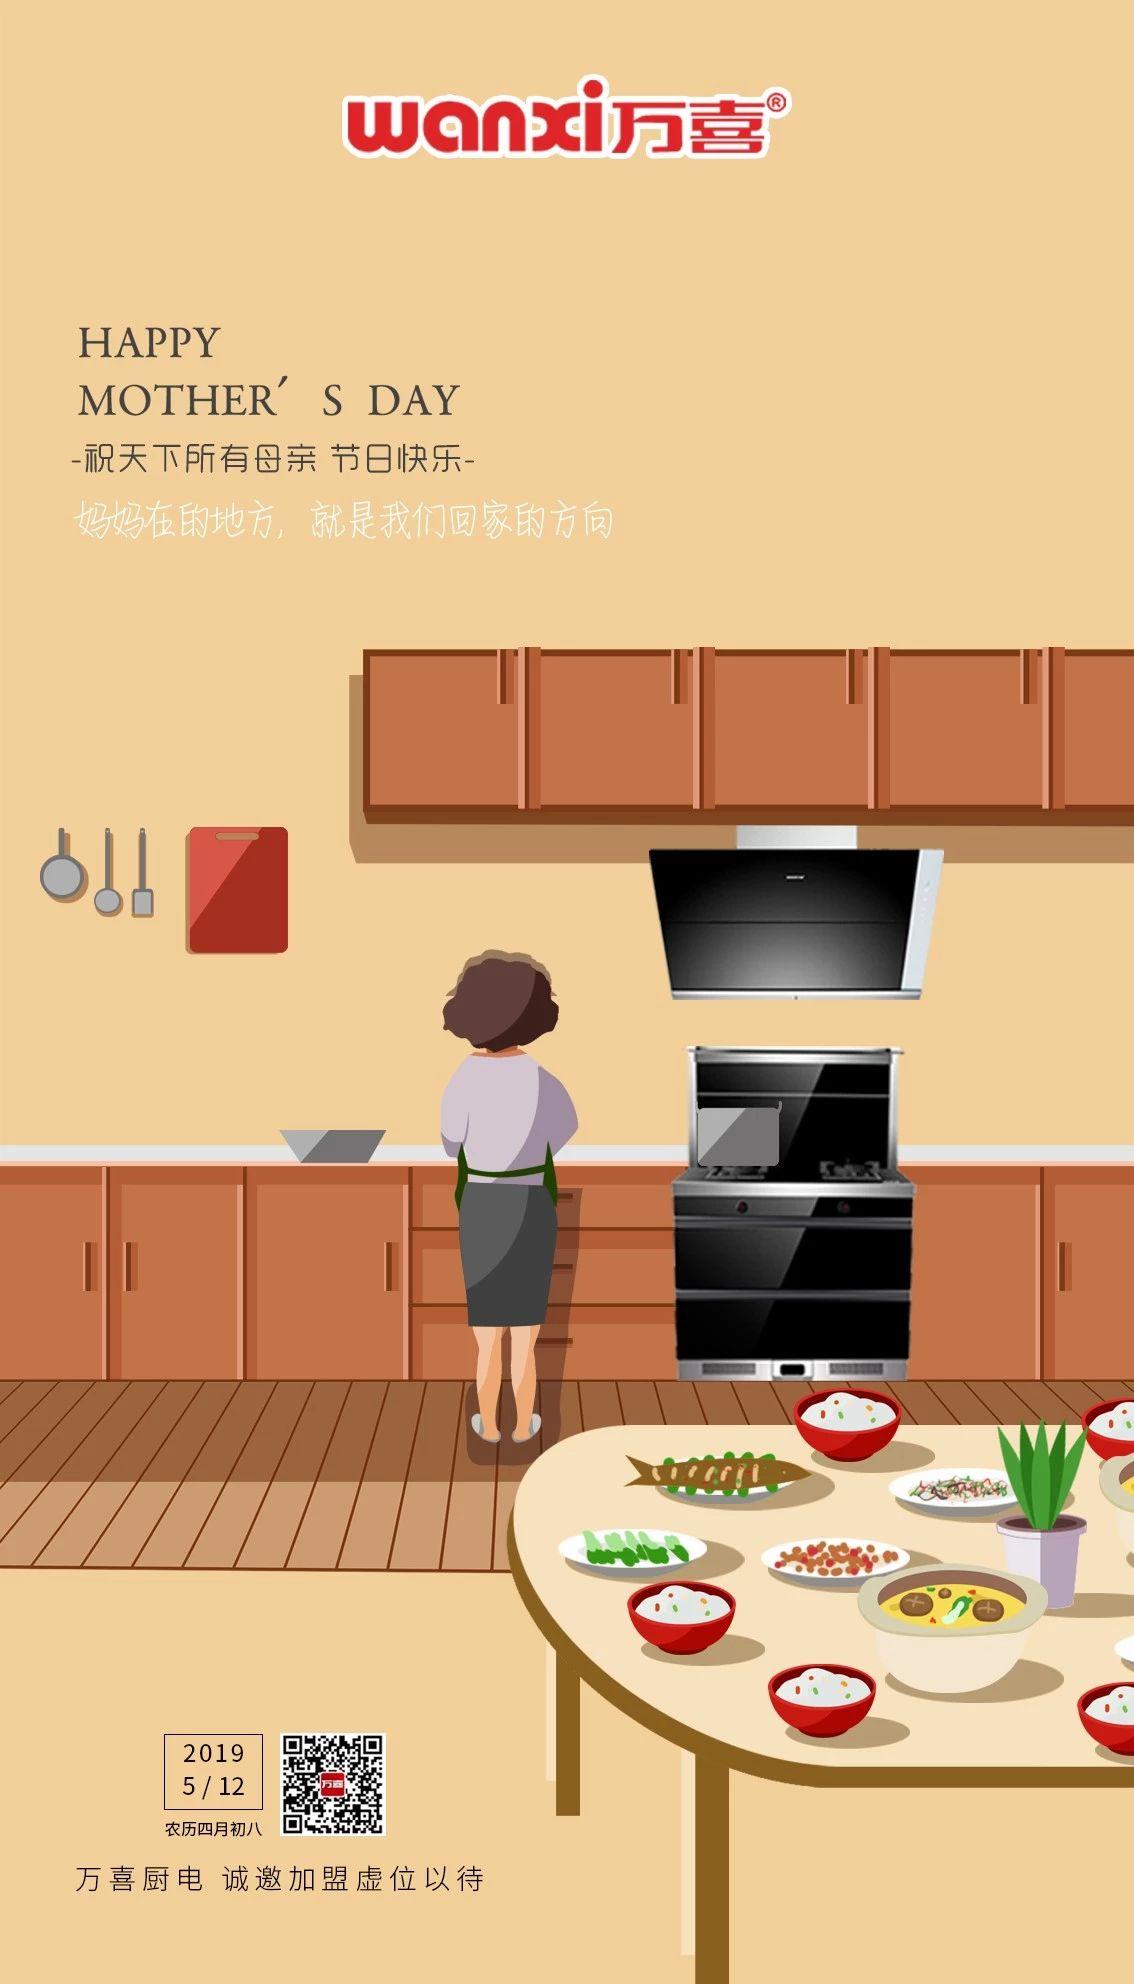 万喜电器  感恩母亲节,让厨房传递爱